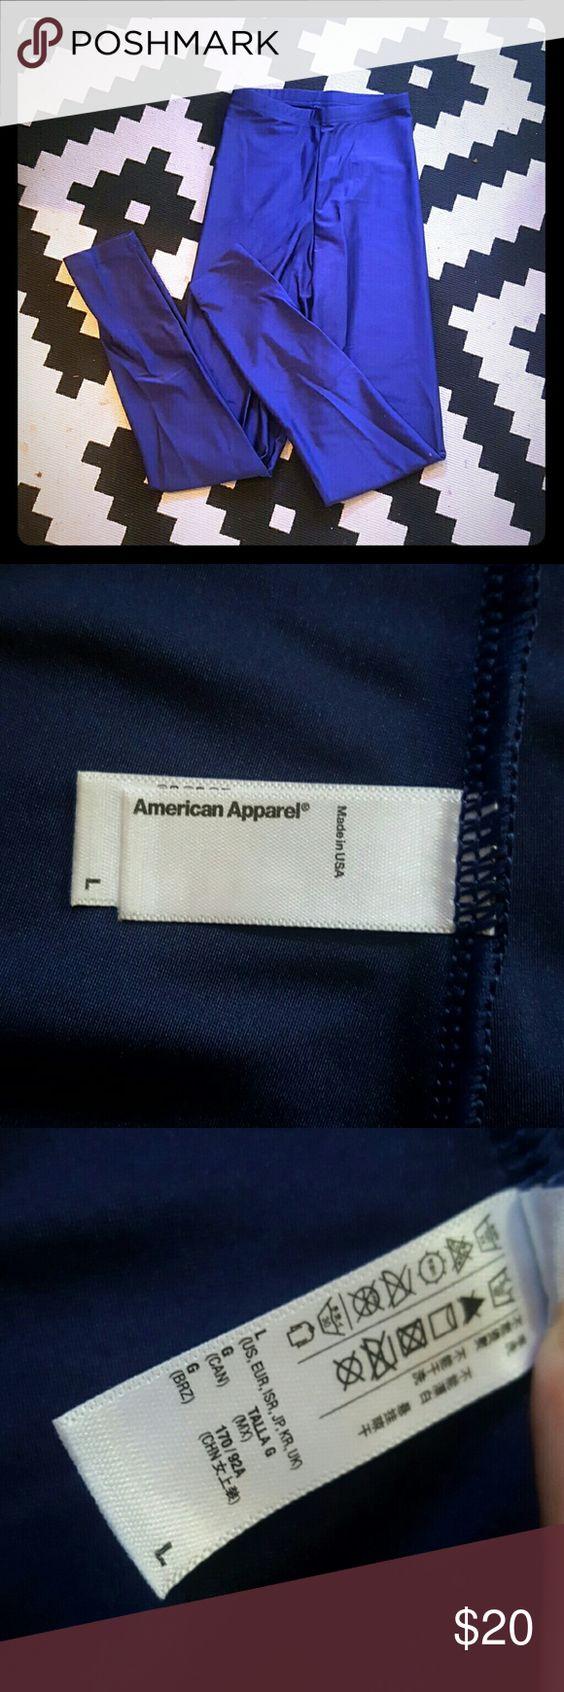 American Apparel leggings Blue. Shiny! American Apparel Pants Leggings